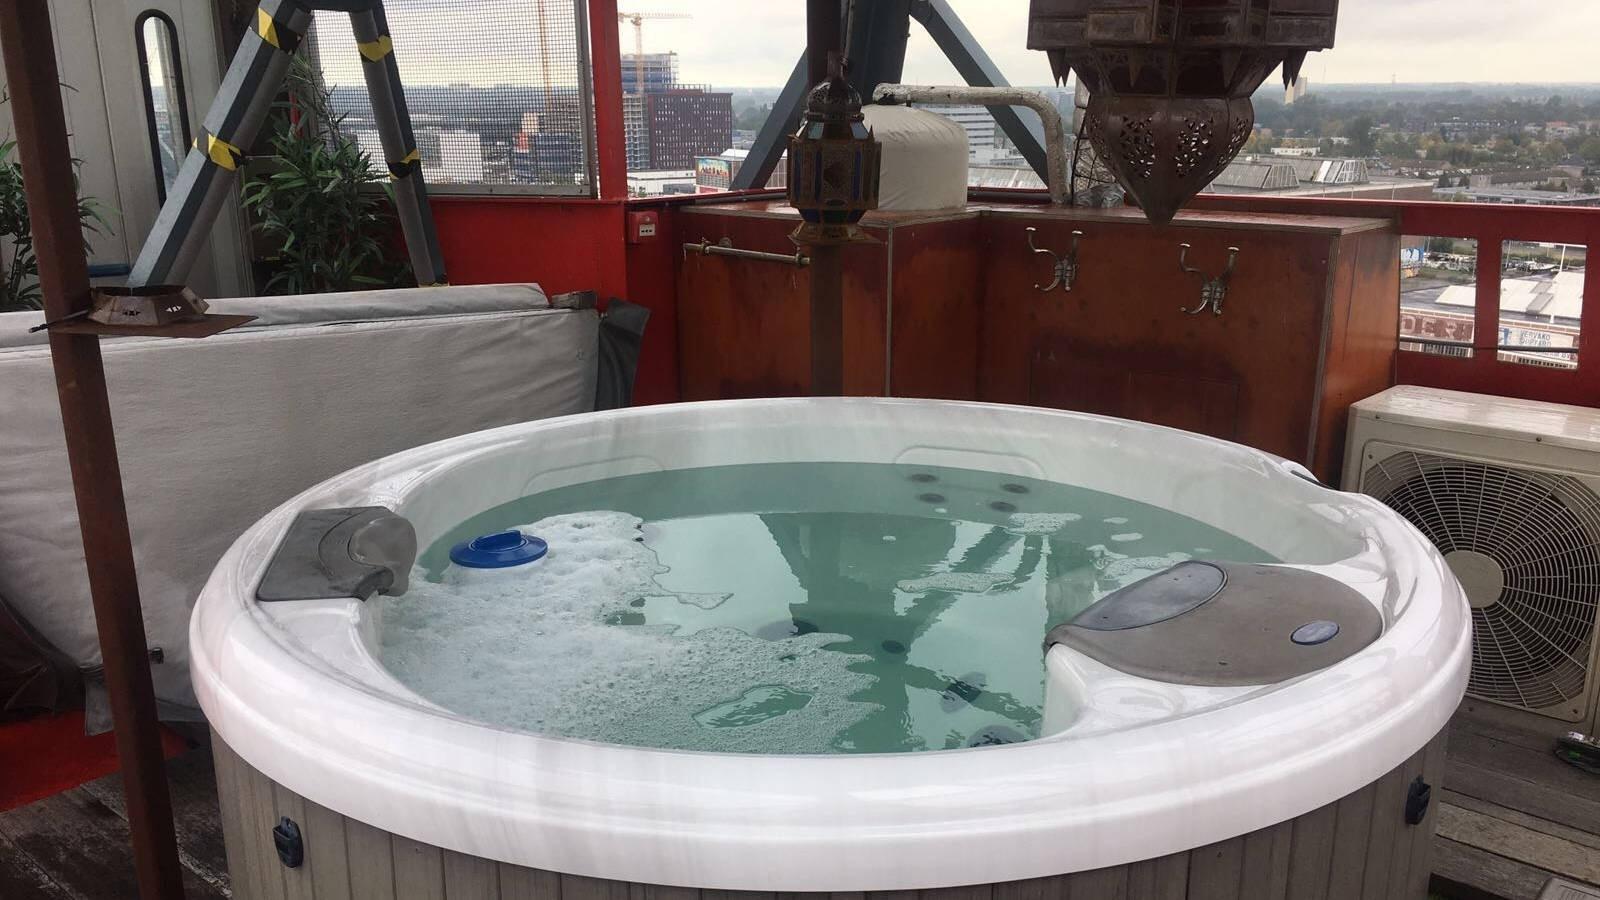 Bedieningsdisplay vervangen in een Villeroy & Boch spa in Amsterdam